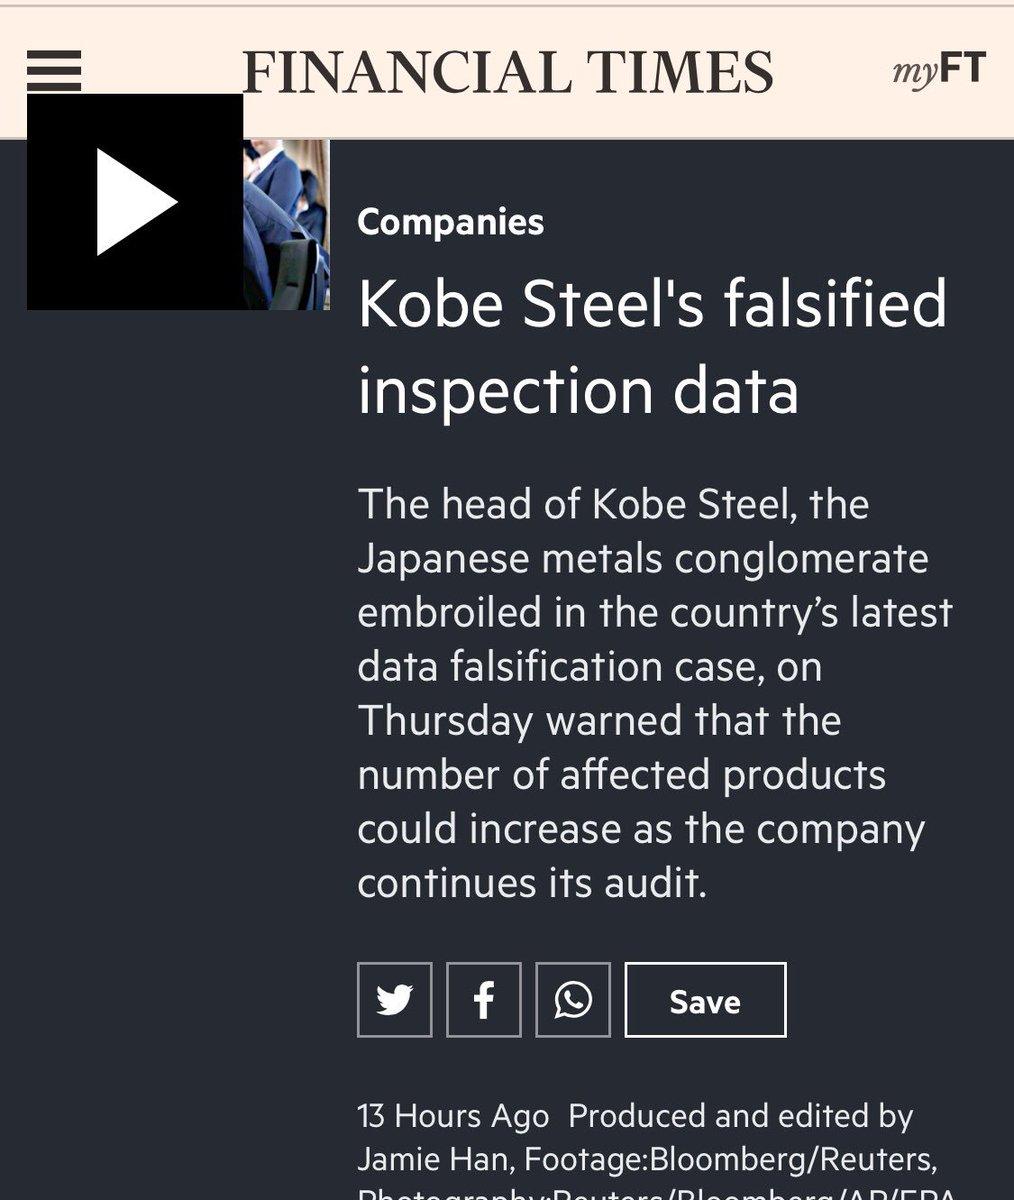 日本人が知っておいたほうがいい。神戸製鋼の大規模データ偽造がどれほど世界に衝撃を与えたか↓ NYタイ…